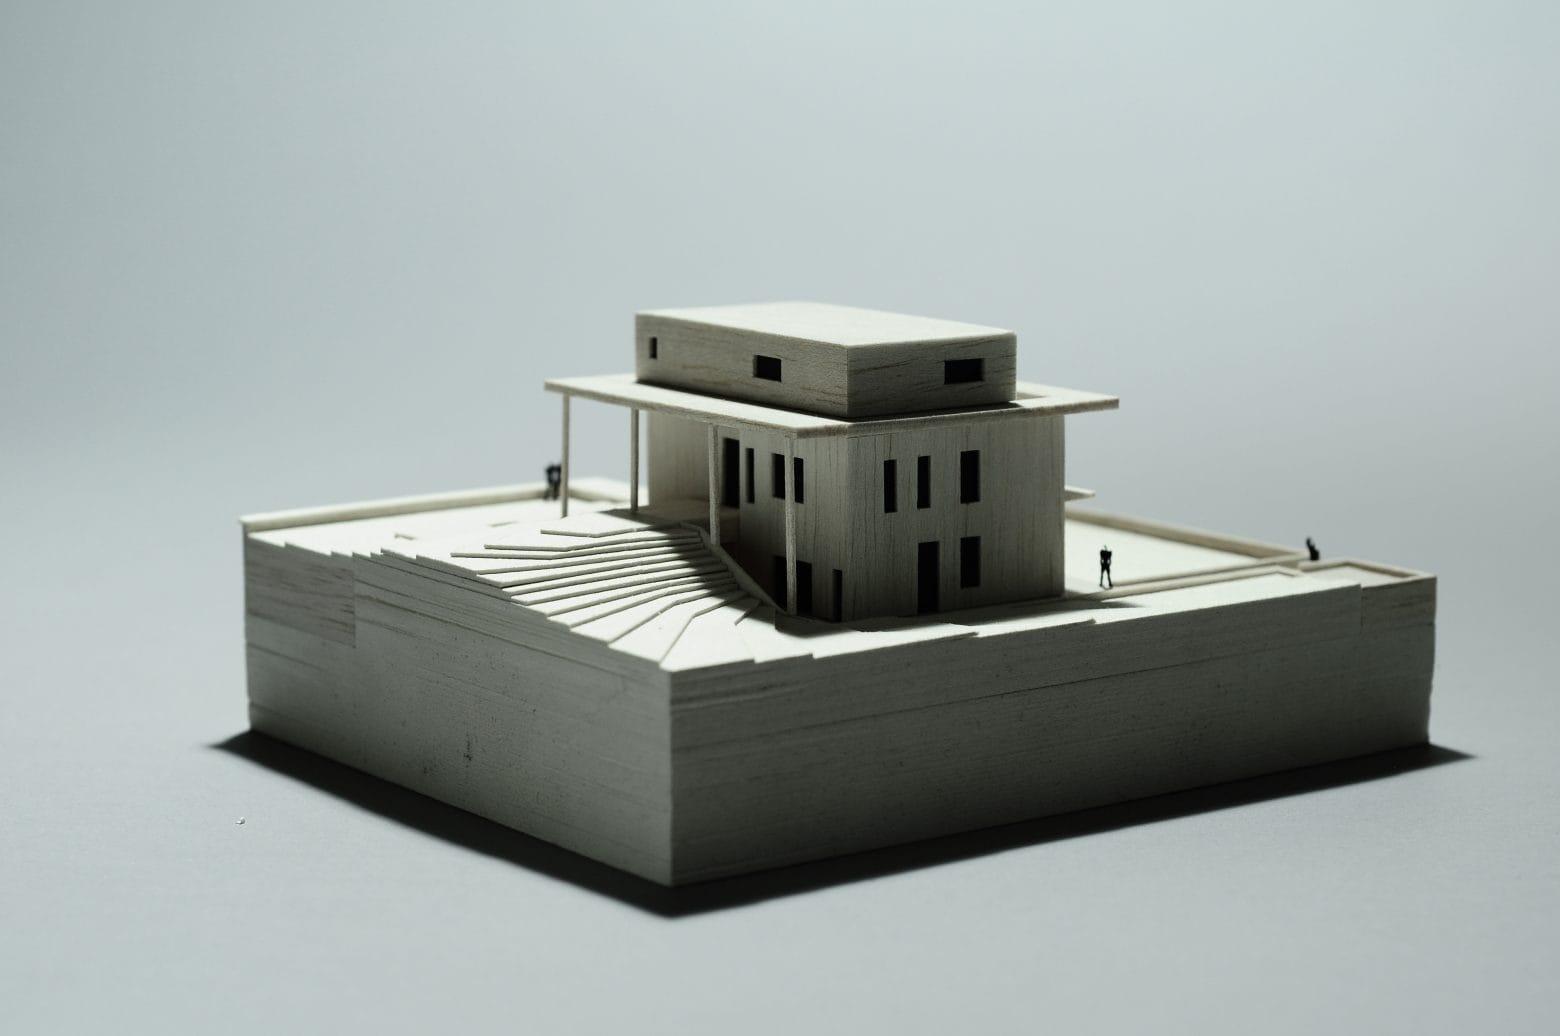 Szemlohegy modell laposteto 02